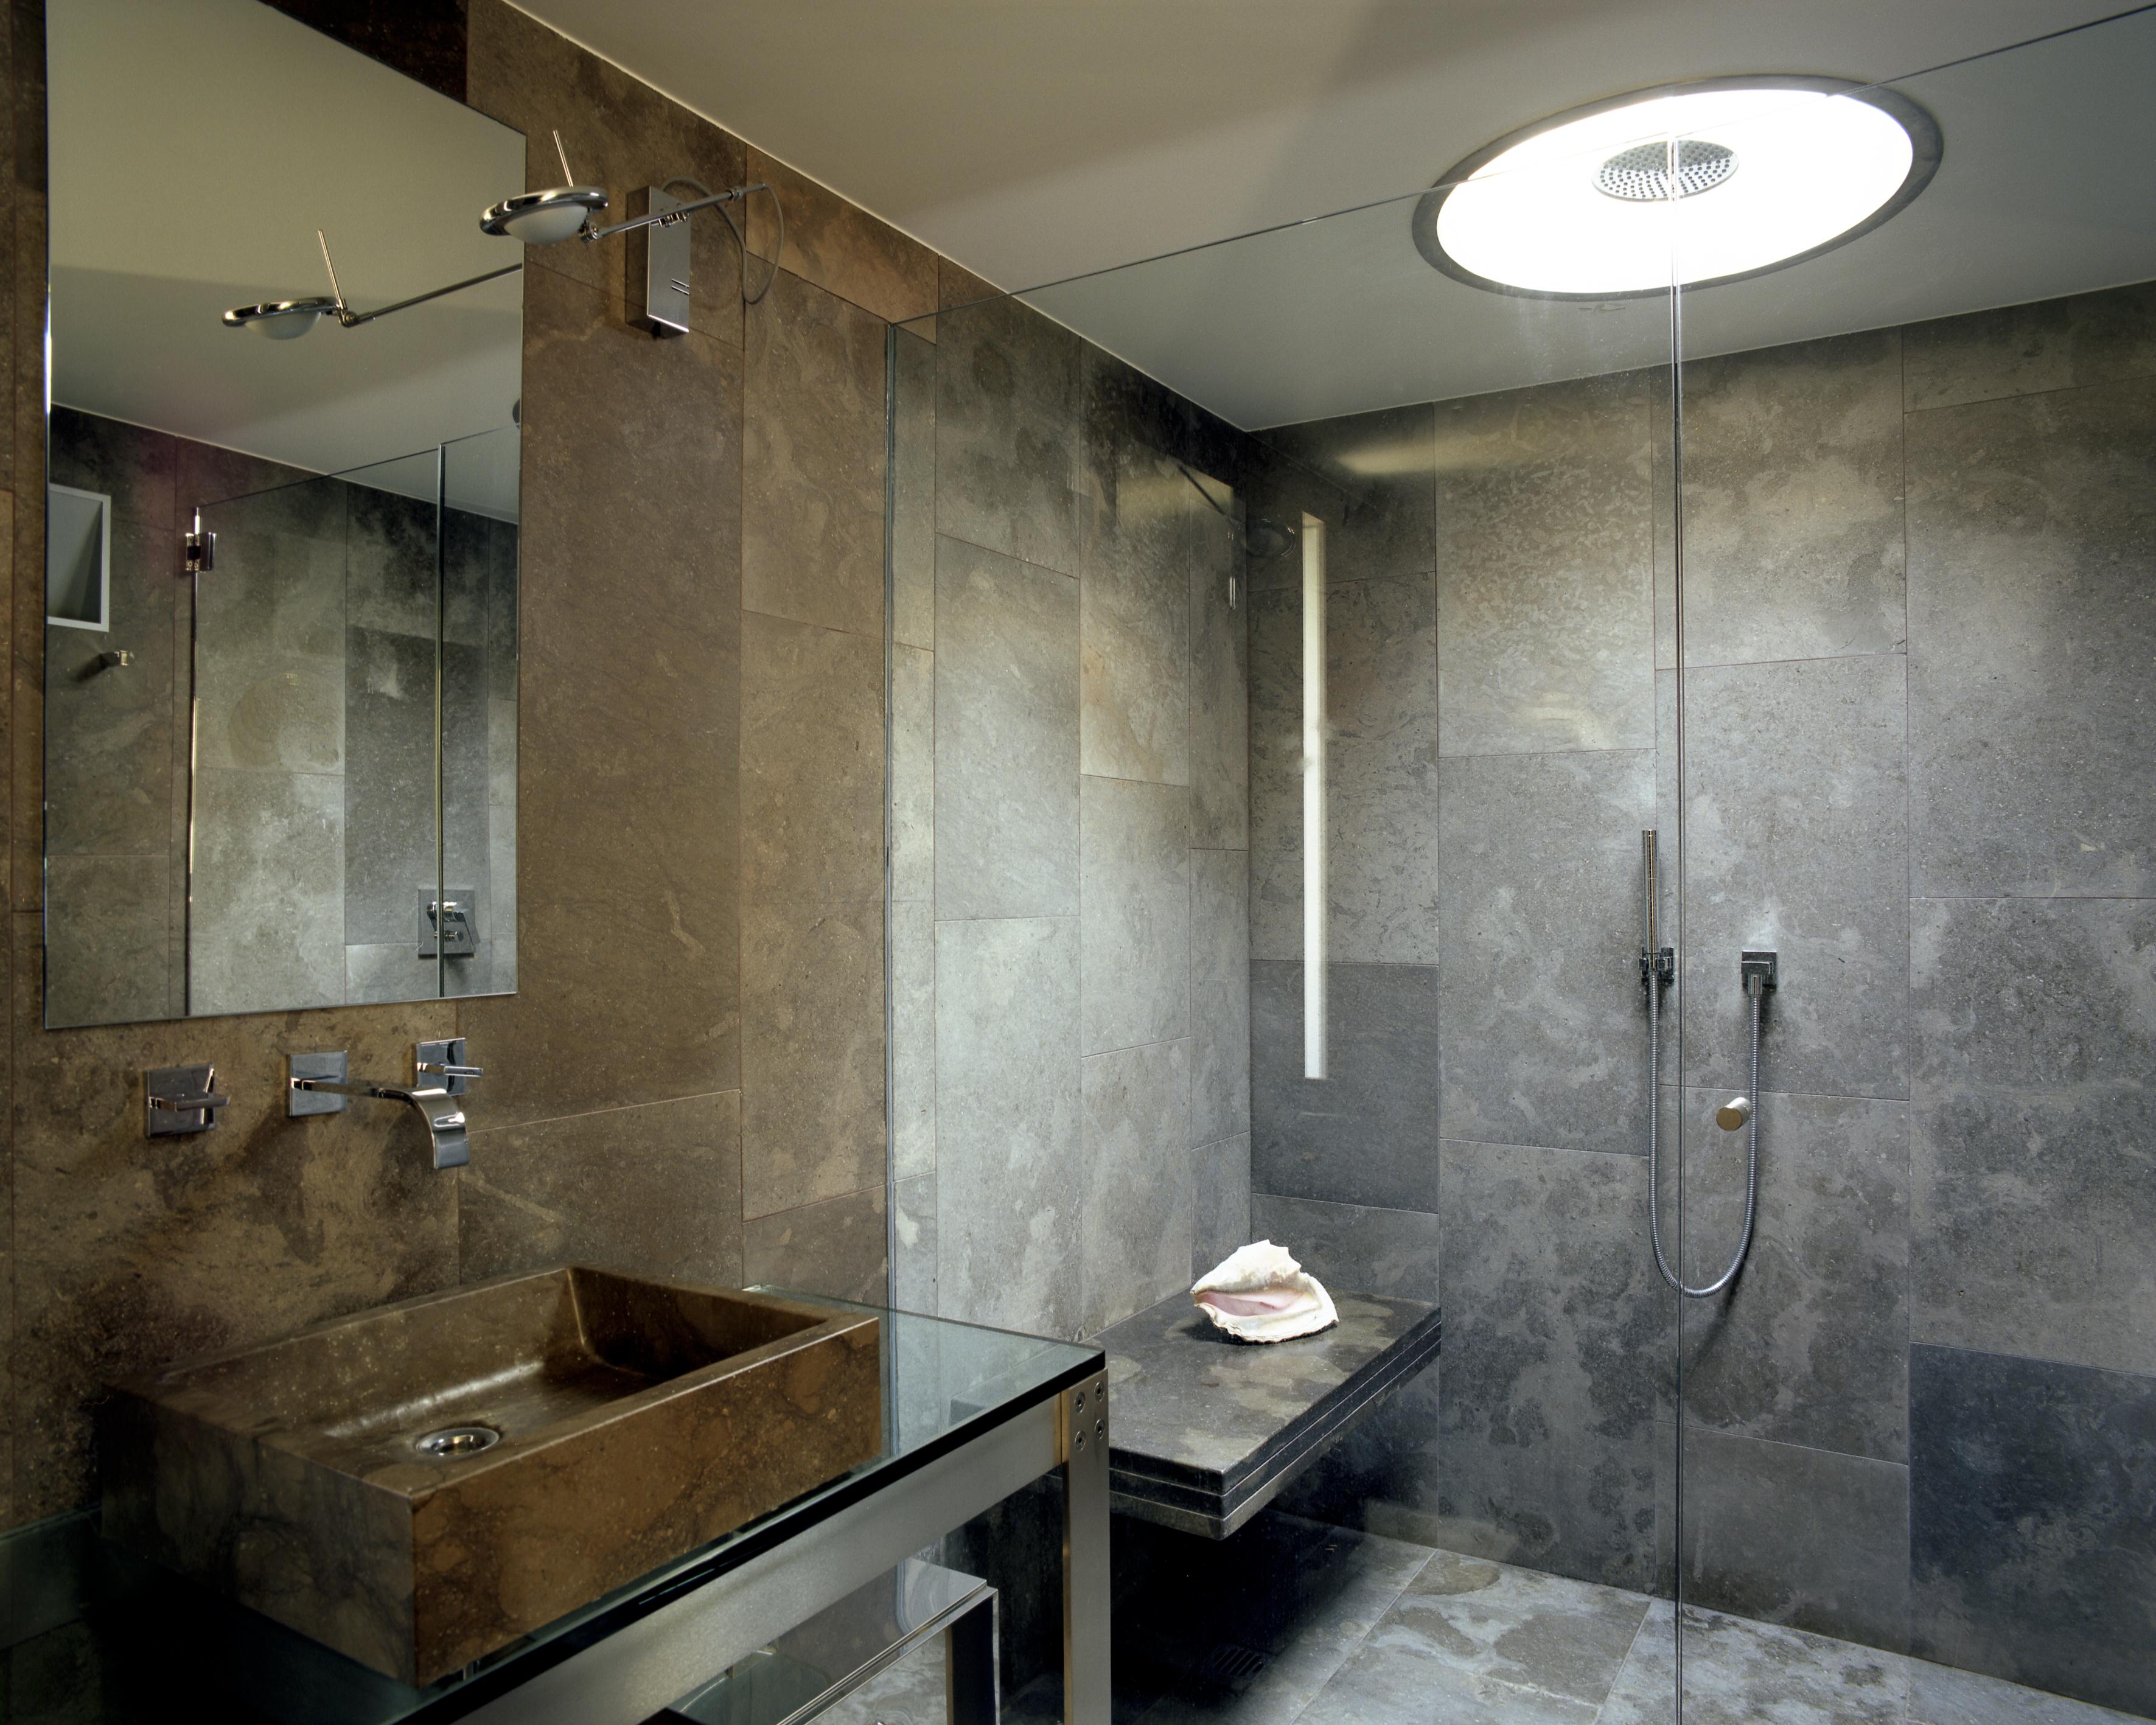 Bagni in pietra e marmo pavimenti e rivestimenti di resedile for Bagni rivestimenti e pavimenti